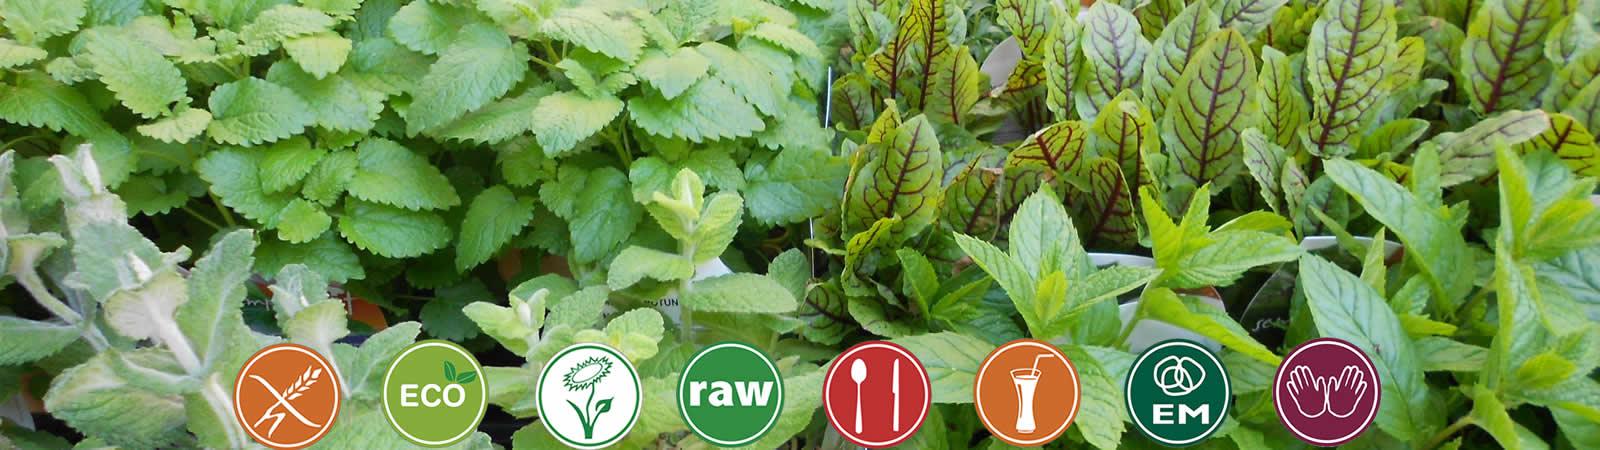 tienda de productos ecologicos, comida ecologica manacor